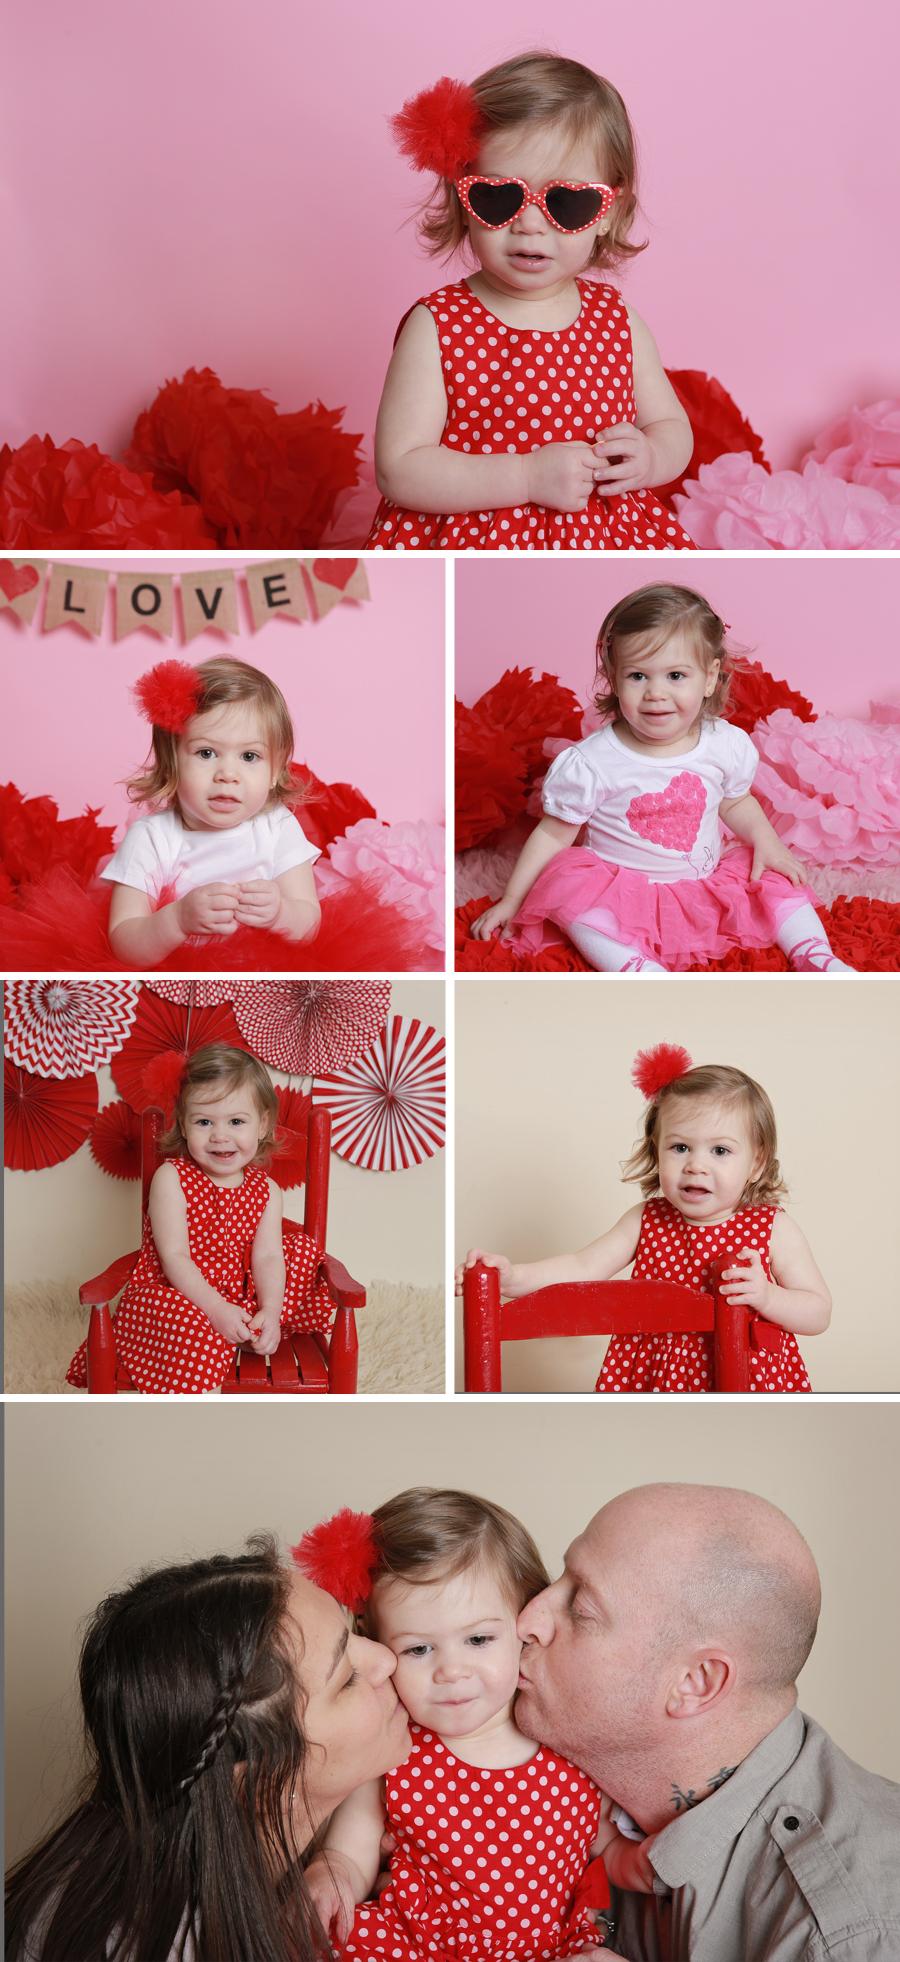 #valentinemini #familyphotographer